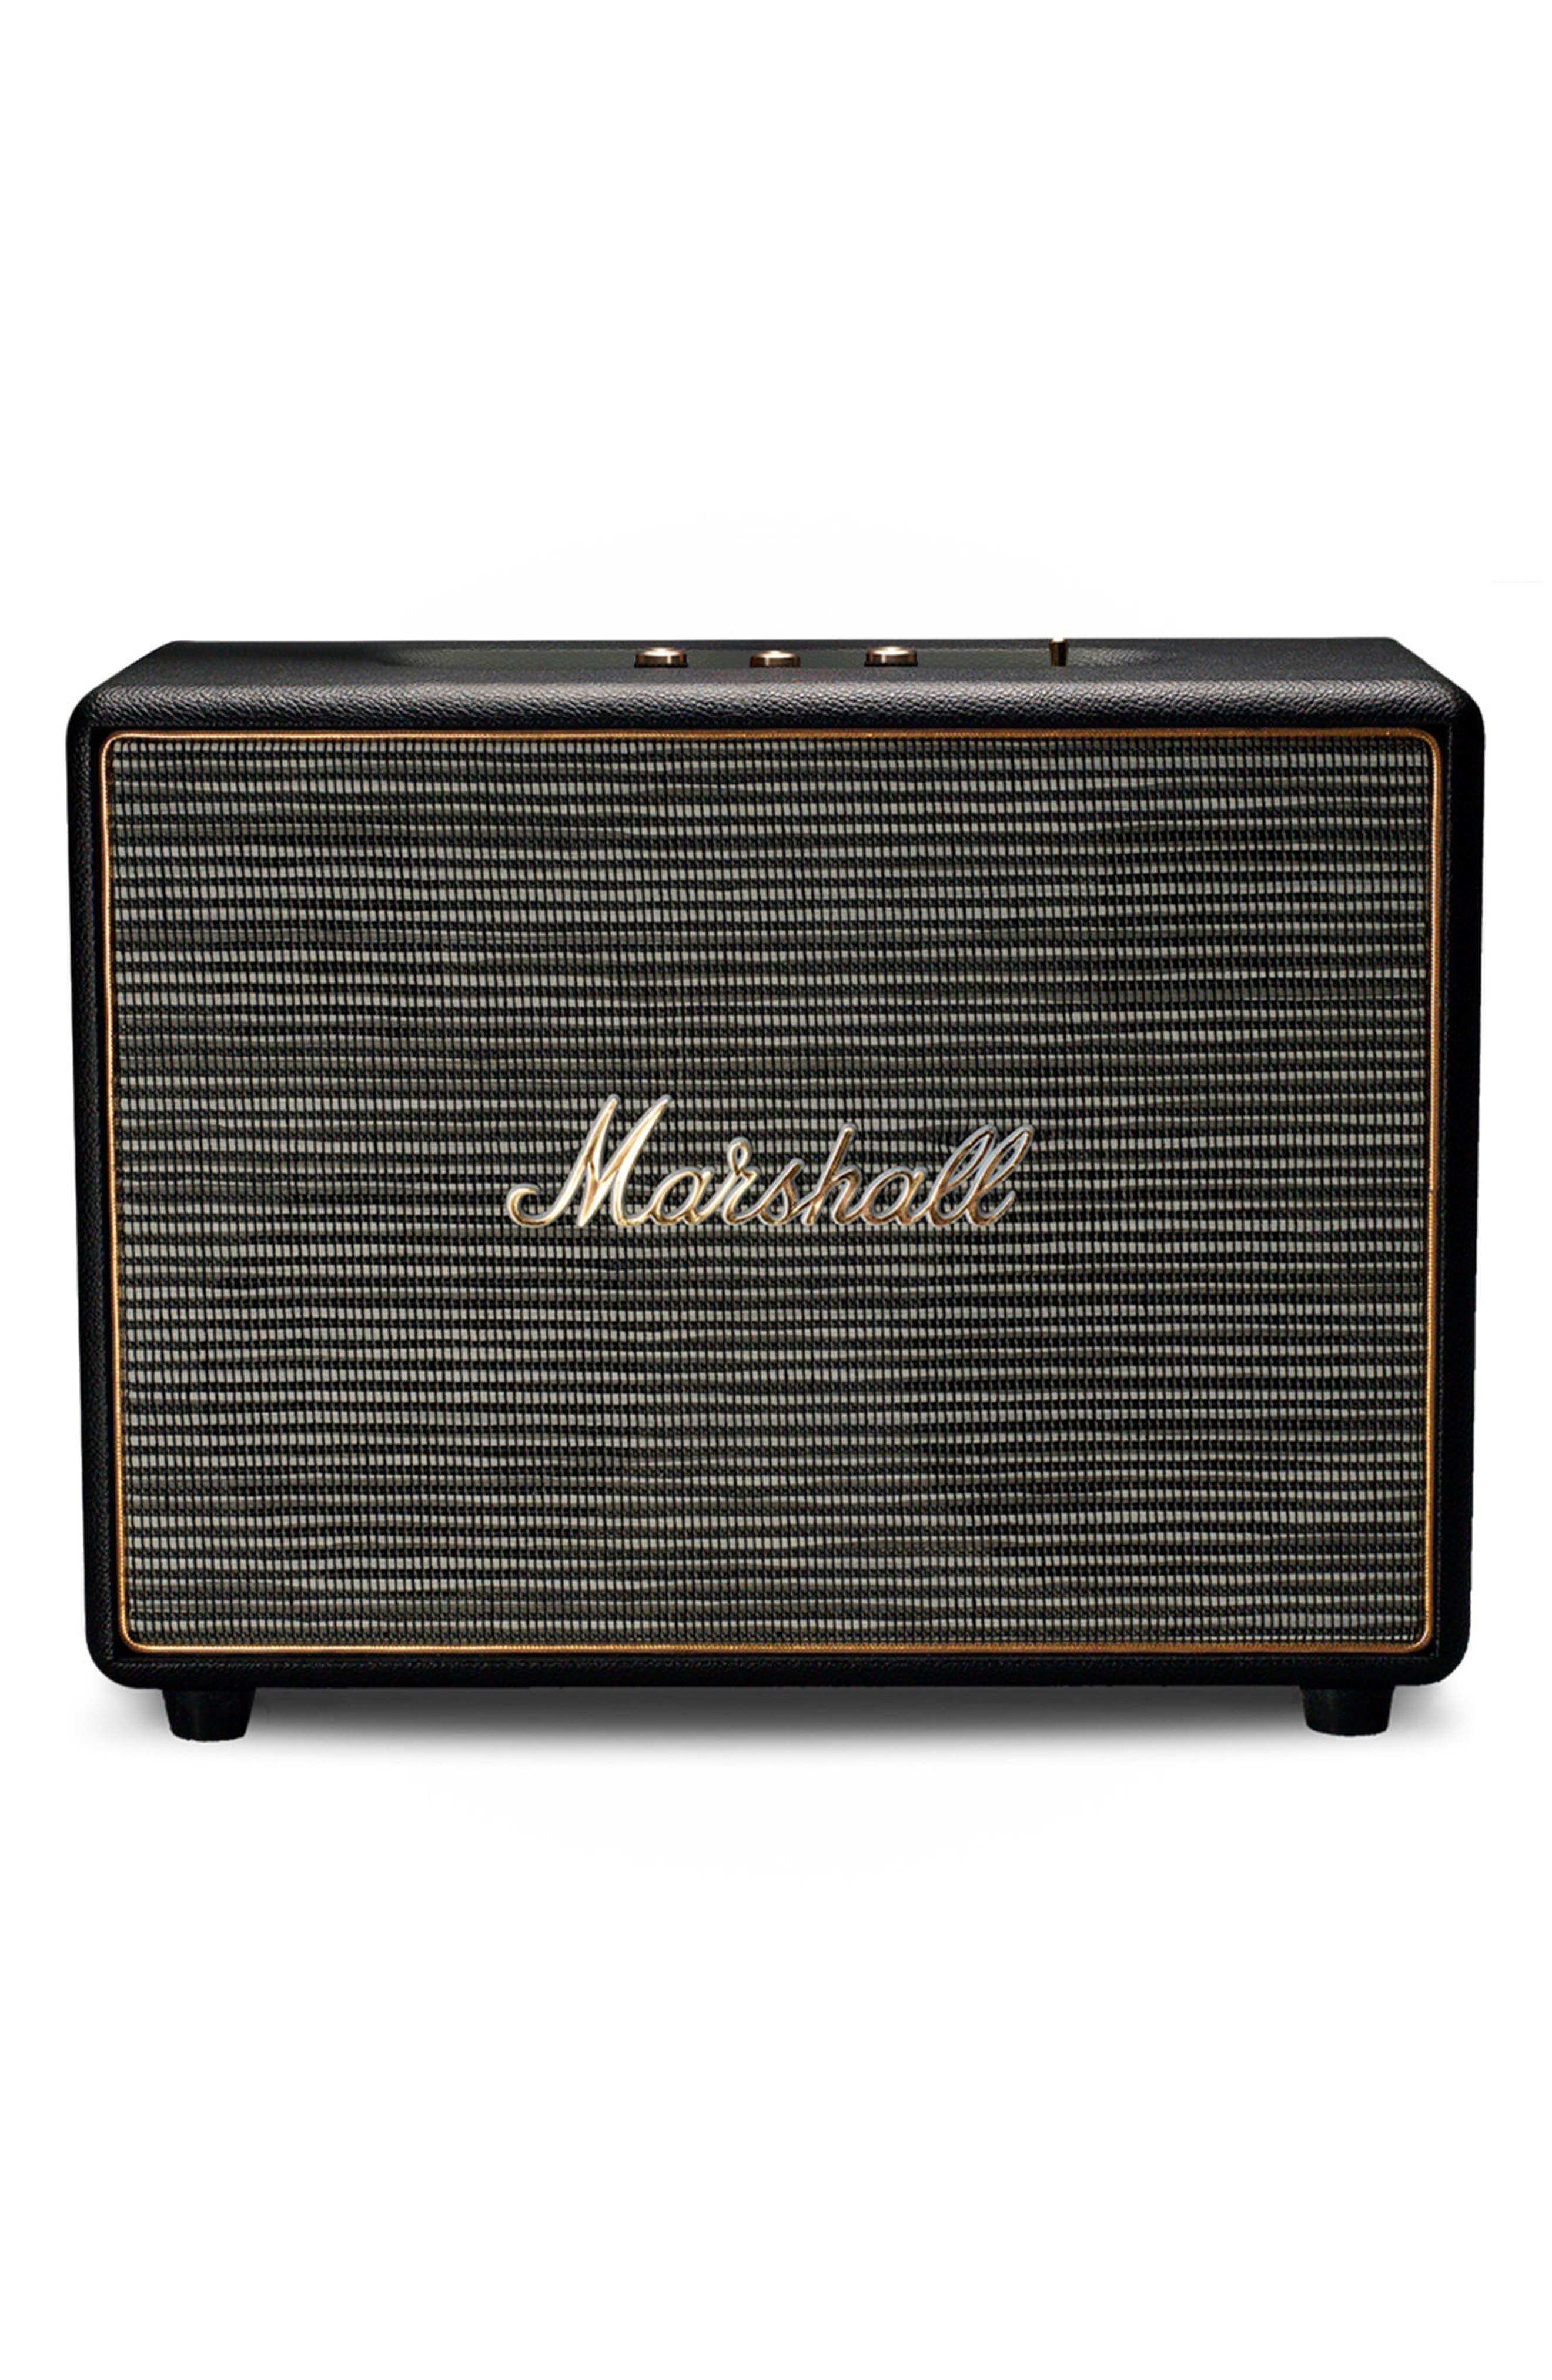 0f4557efcc1 Marshall